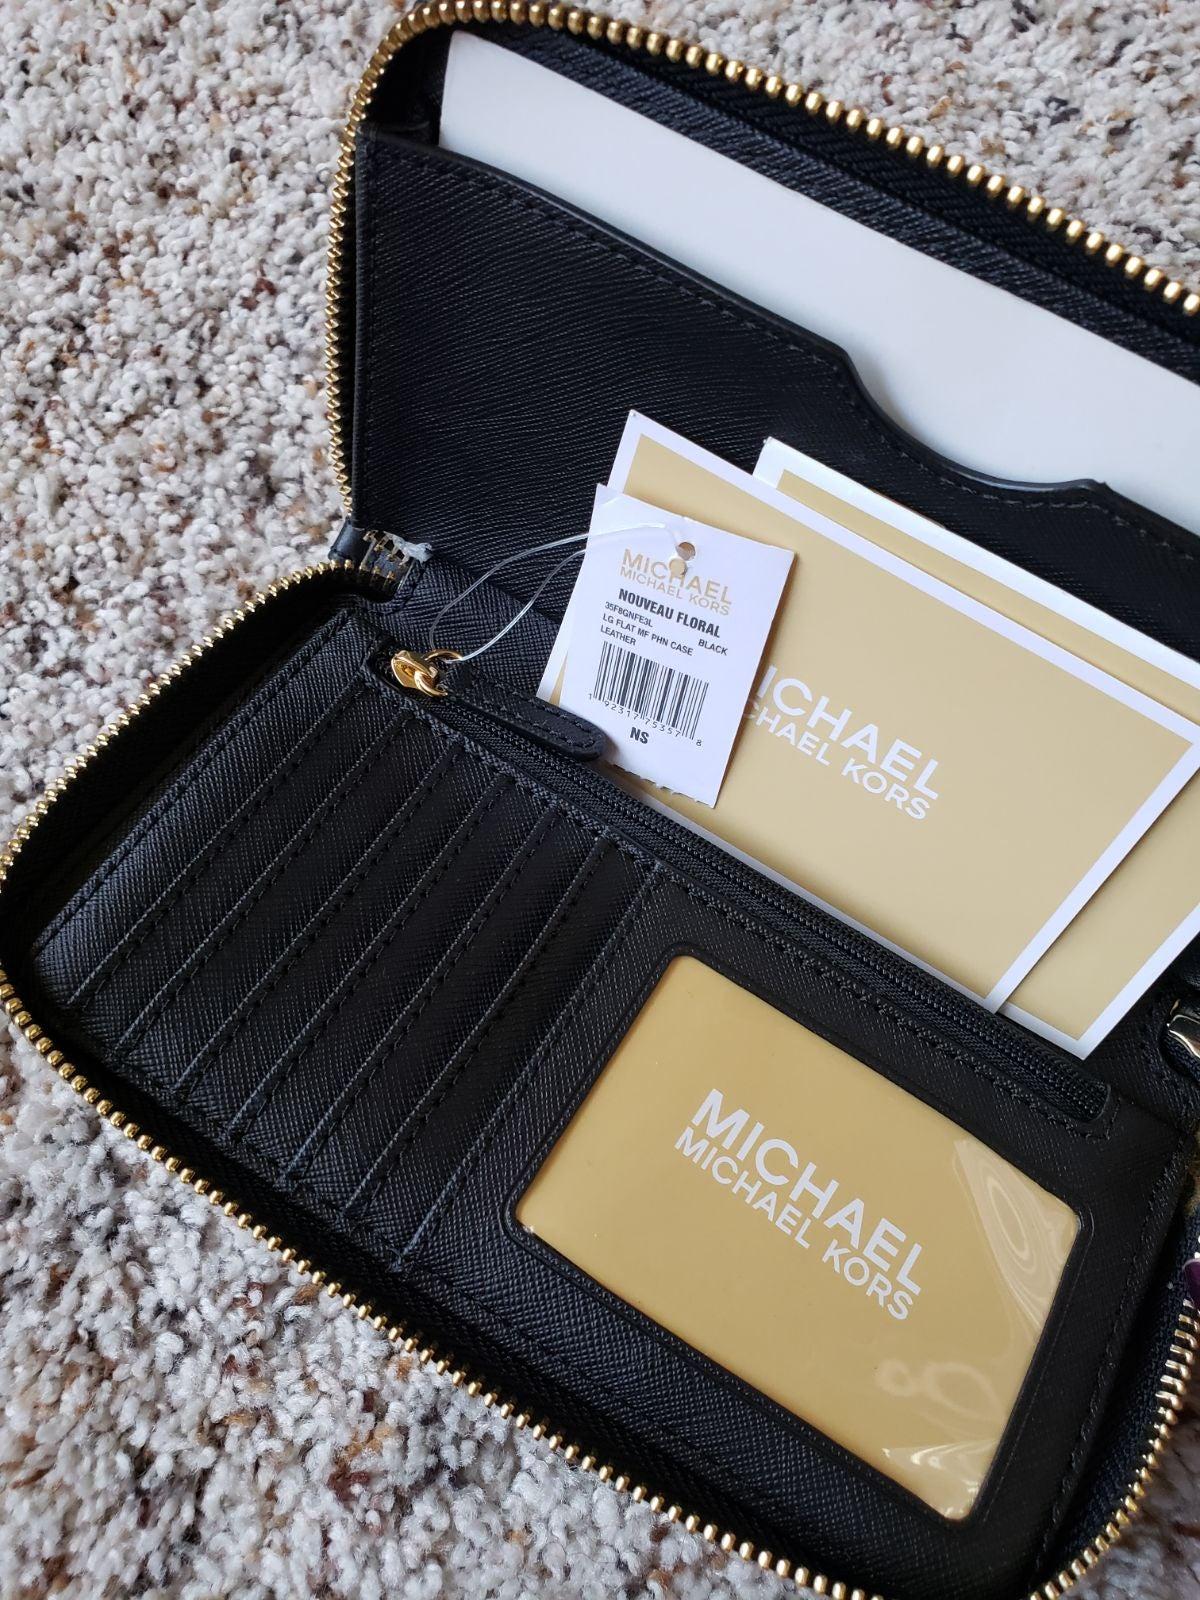 Michael Kors Nouveau Black Wallet $198